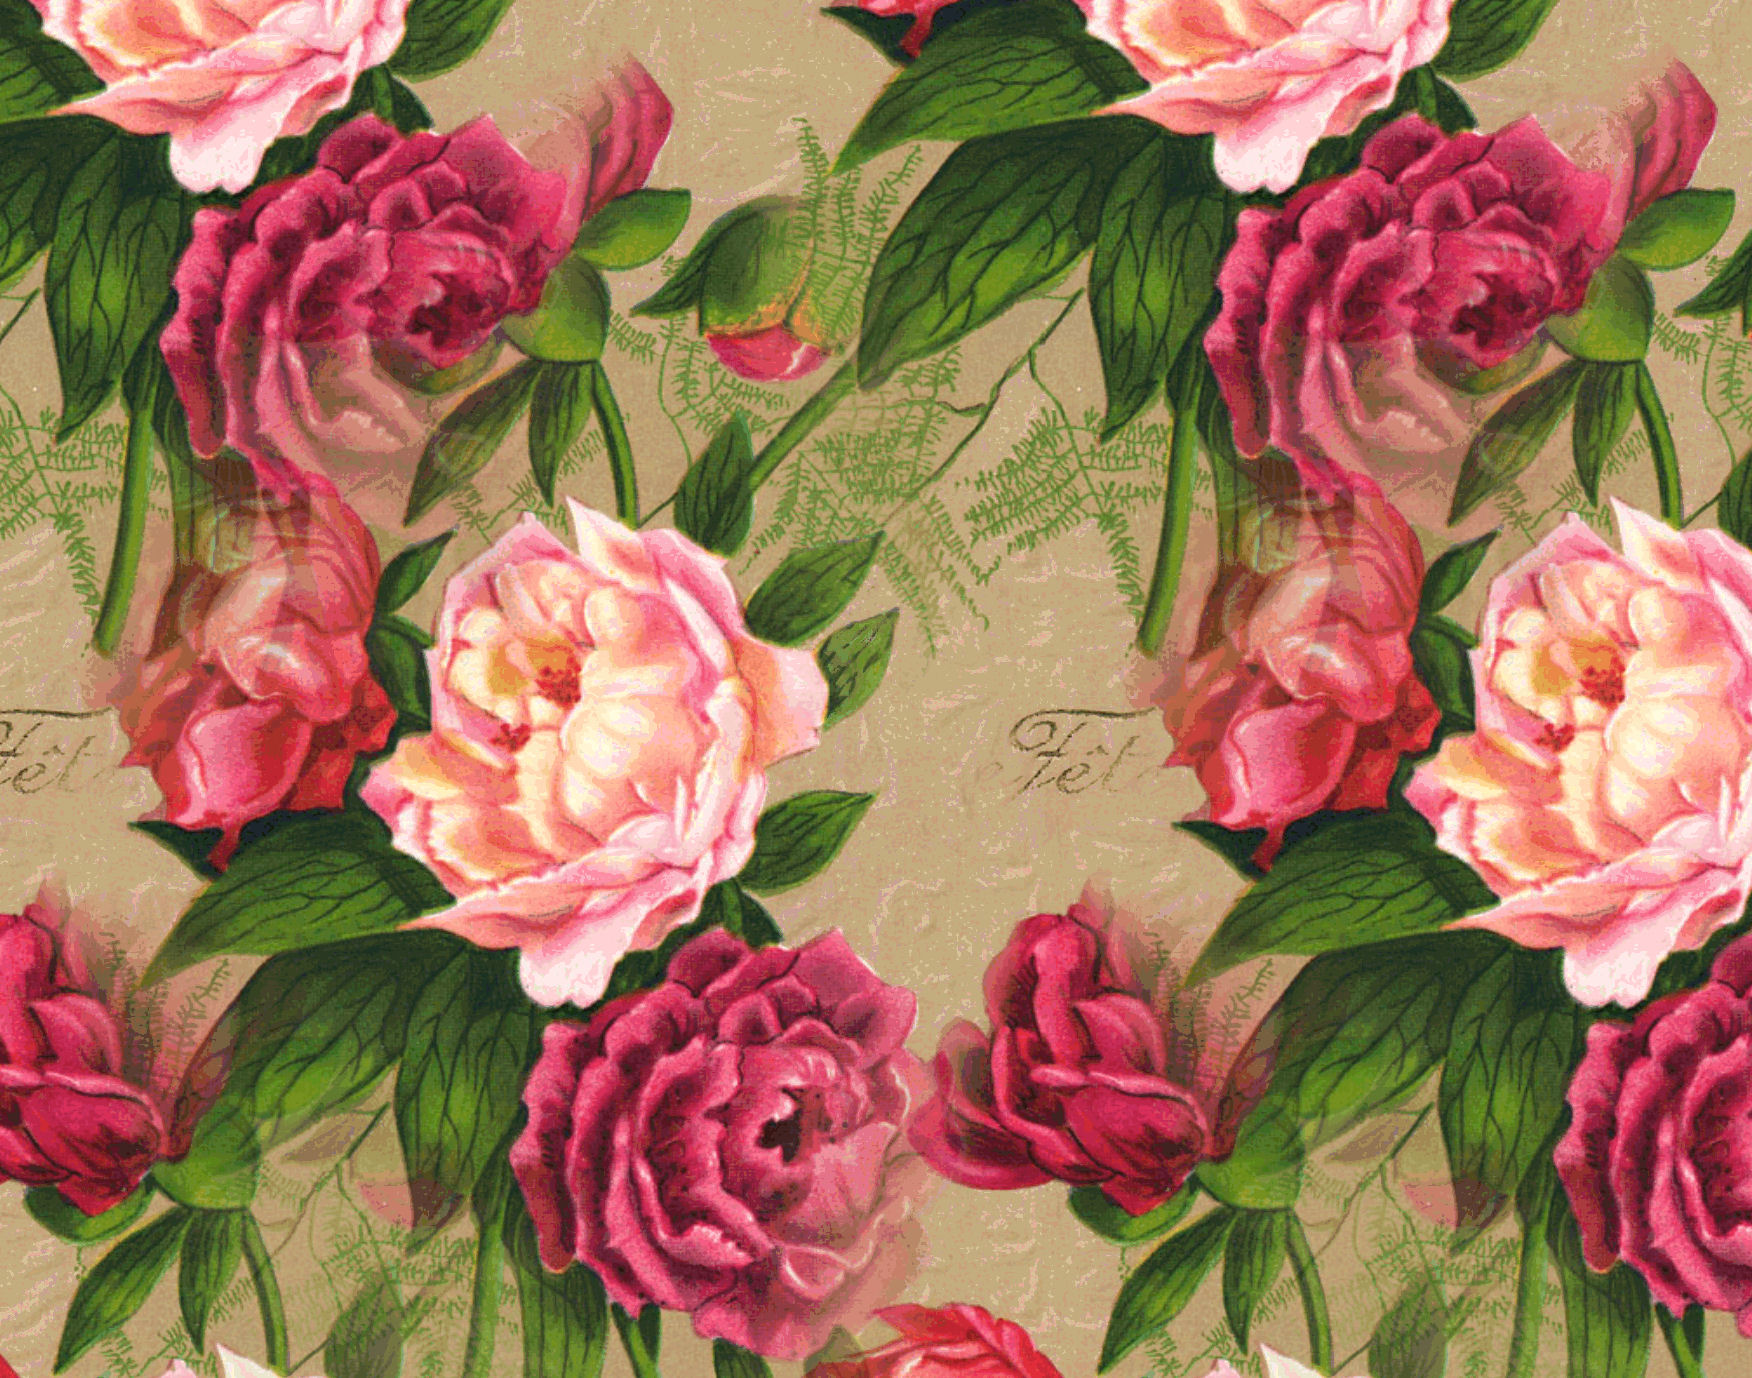 Antique Rose Wallpaper - WallpaperSafari